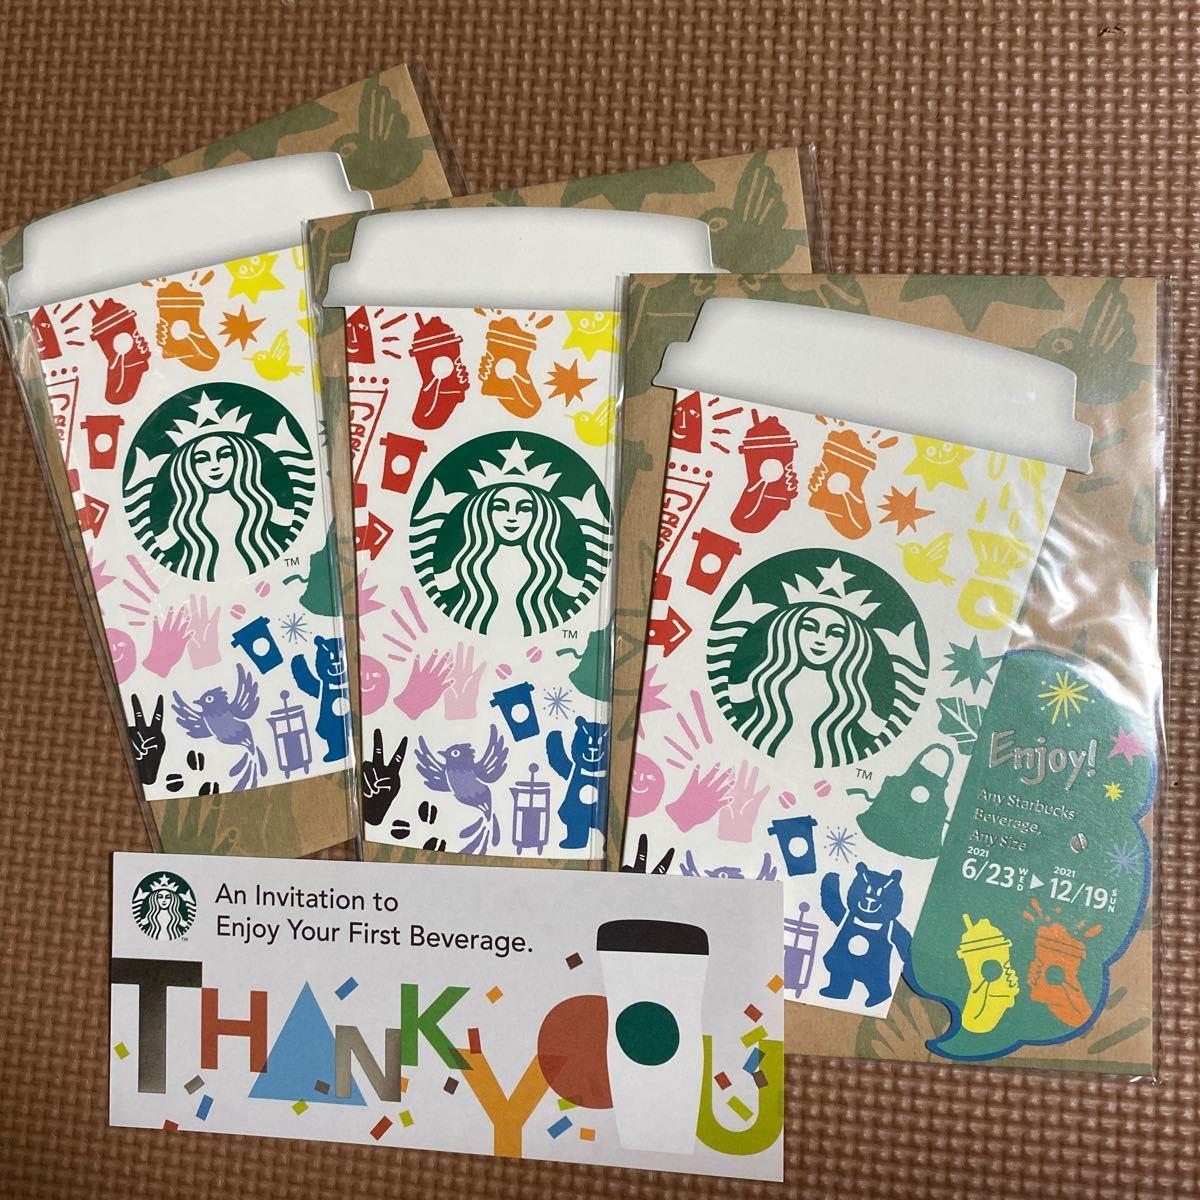 スターバックス ビバレッジカード4点未使用 スタバ コーヒー オンライン限定も